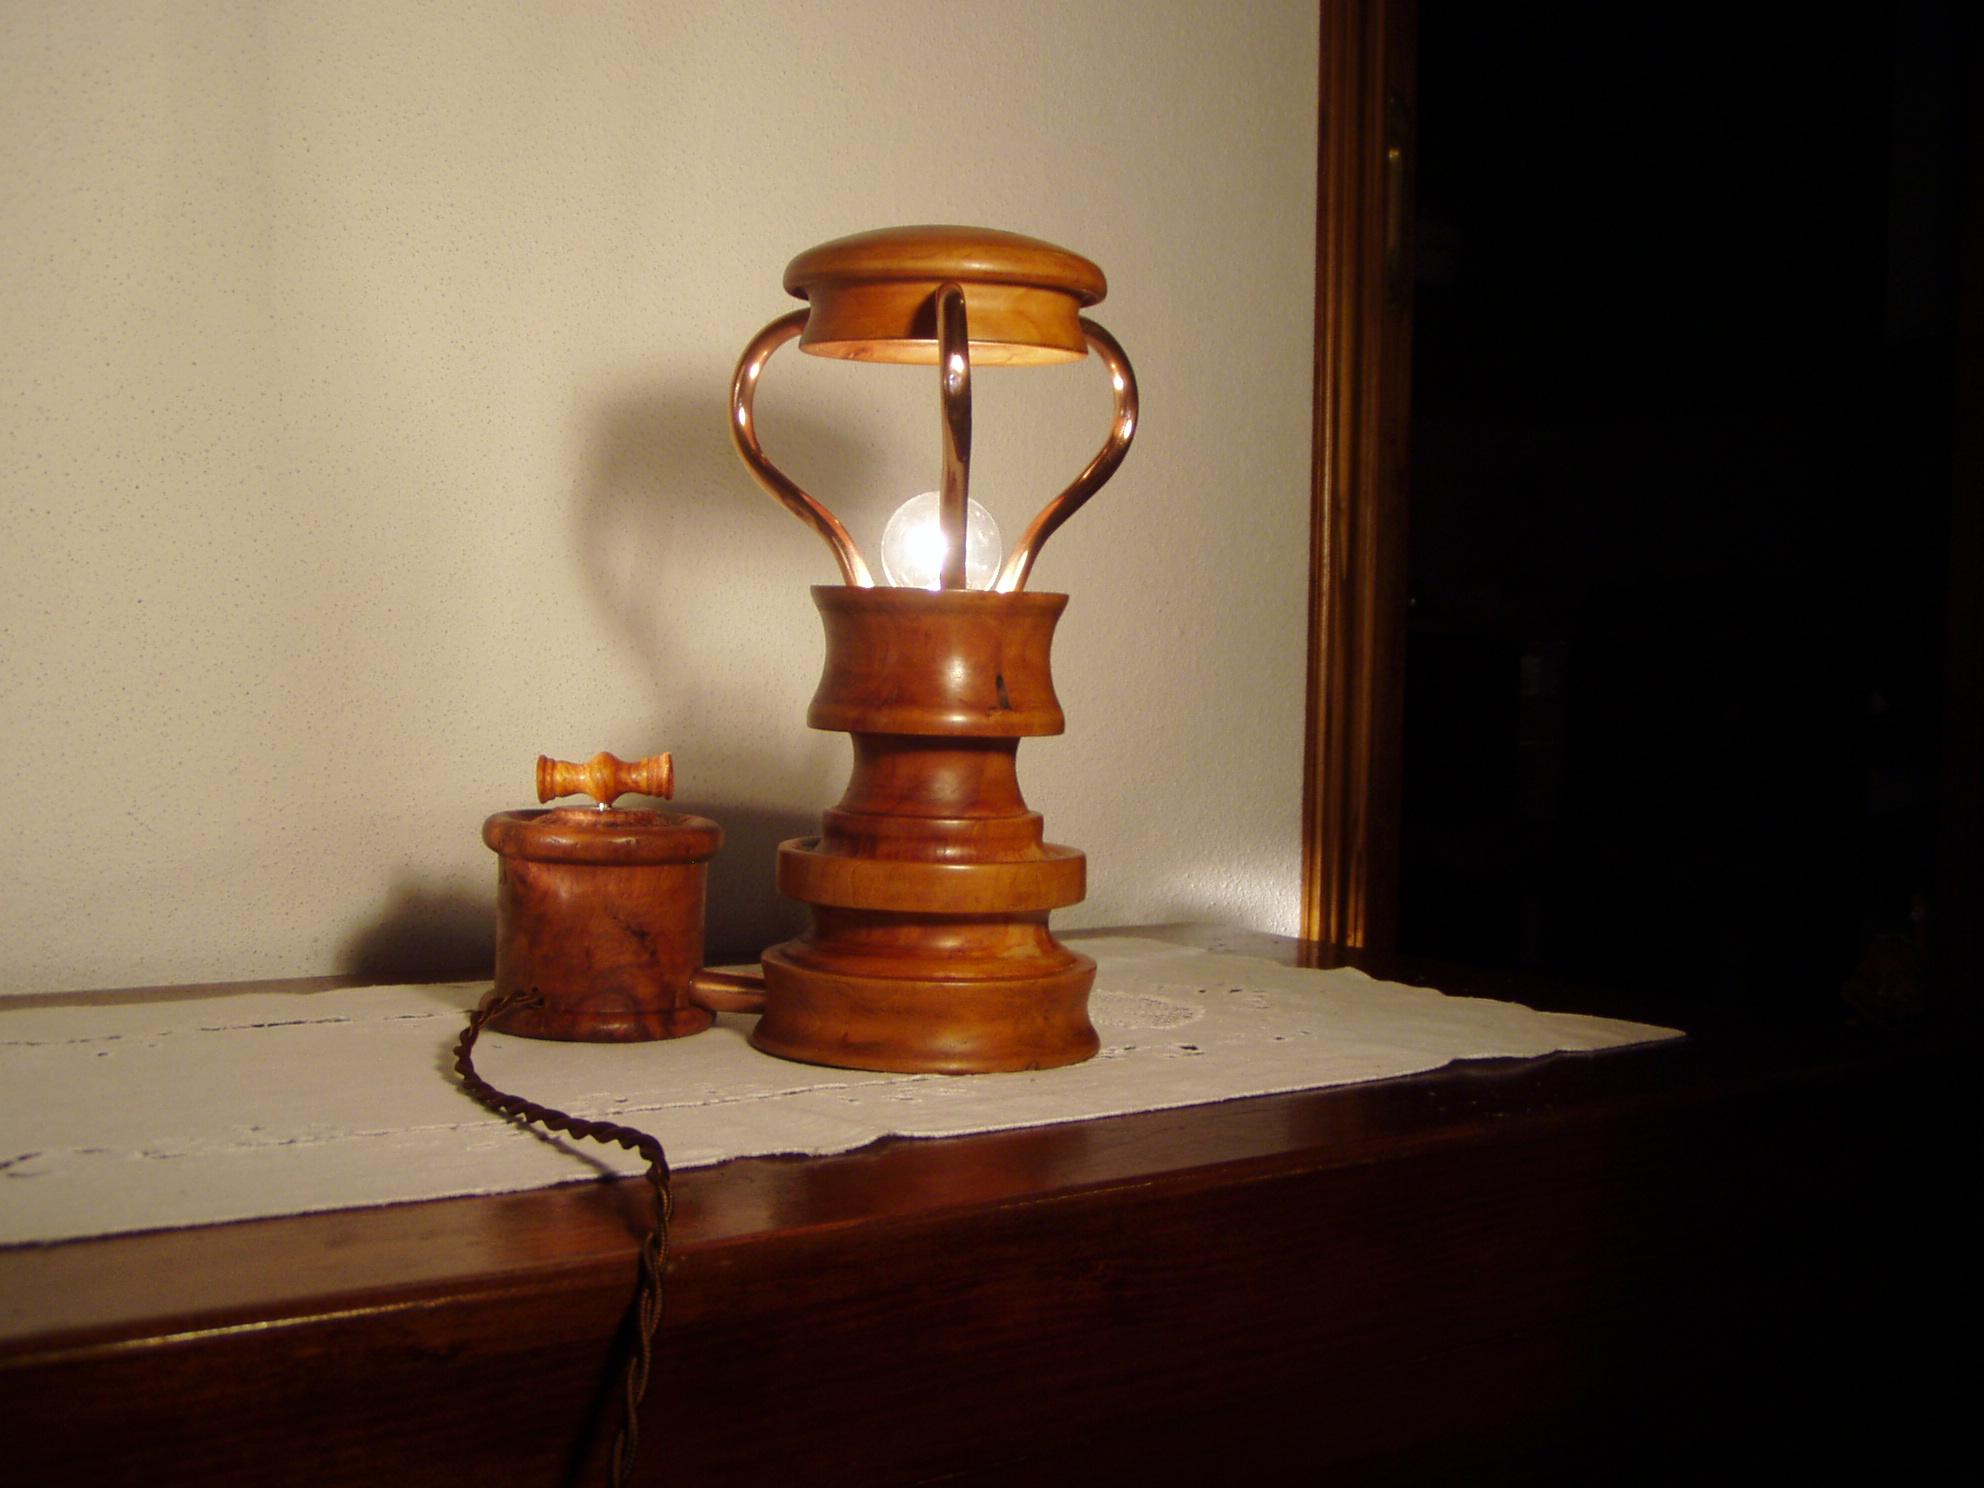 Lampade Artigianali Rame : Lampade artigianali in legno affilia la ...